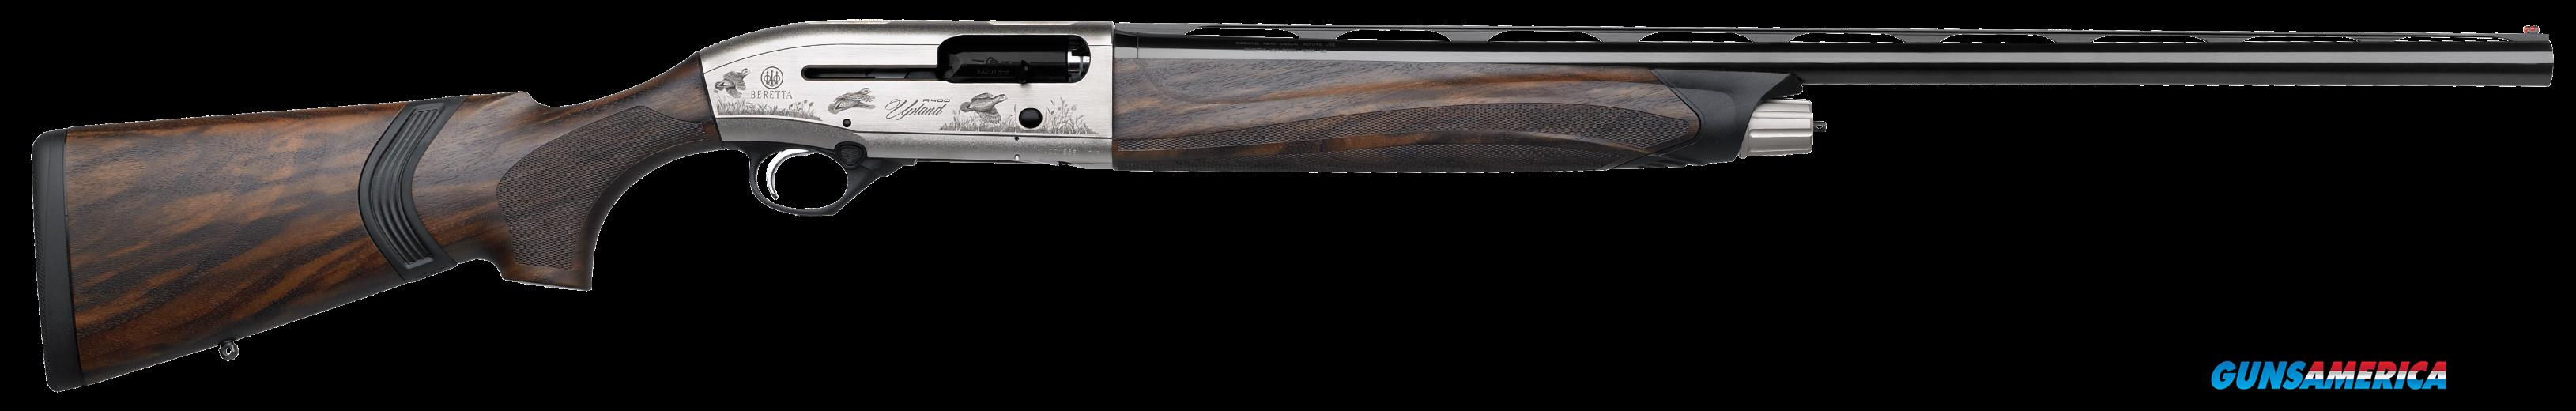 Beretta Usa A400, Ber J40an16   A400 Upland Ko   12     26  Guns > Pistols > 1911 Pistol Copies (non-Colt)